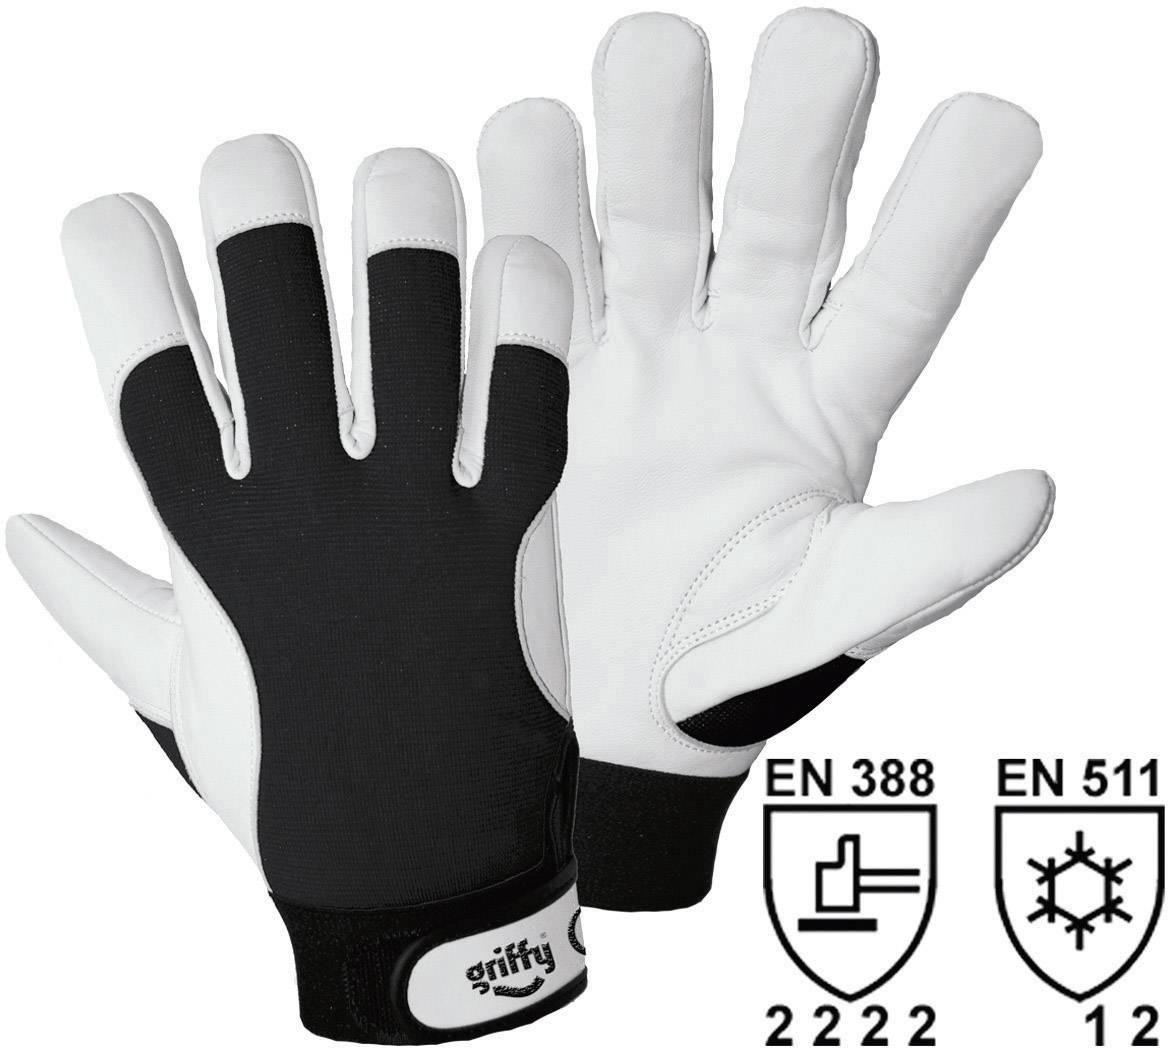 Montážní rukavice Griffy 1707, velikost rukavic: 8, M